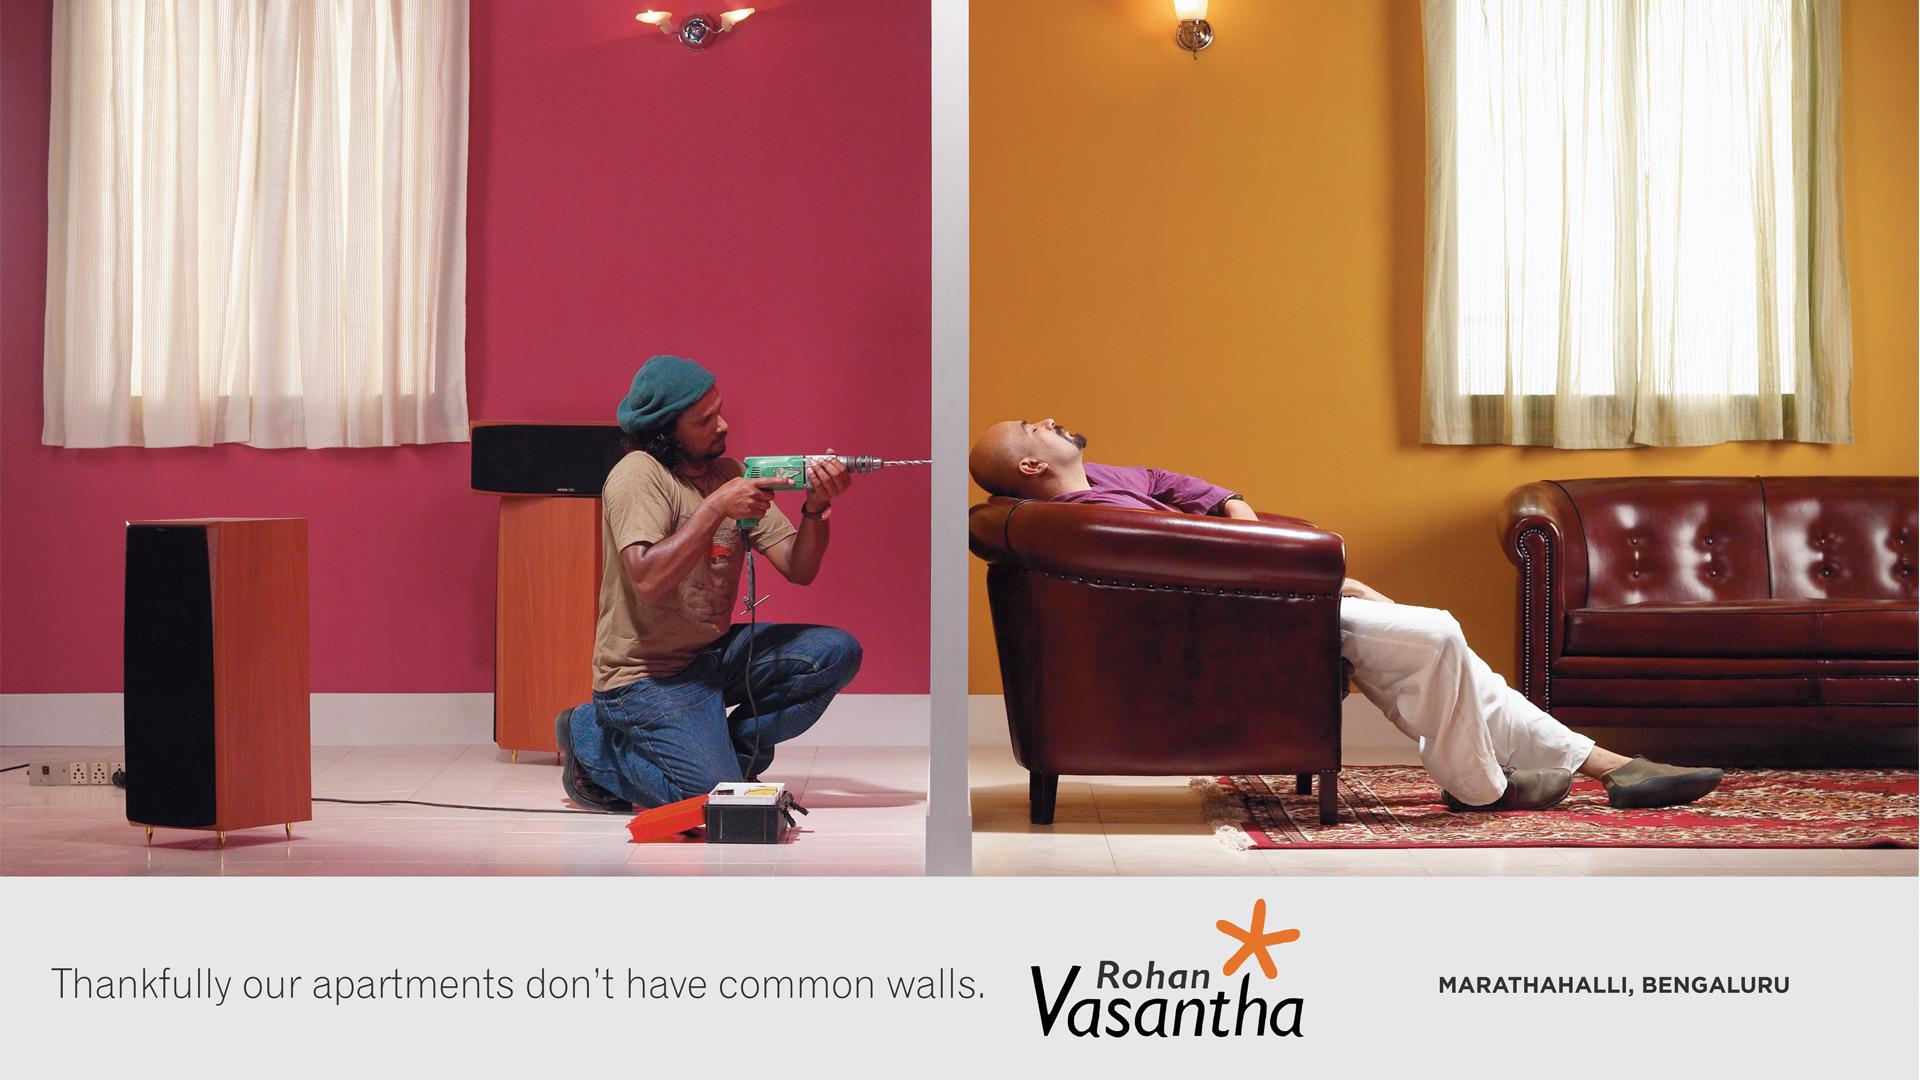 Rohan Vasantha